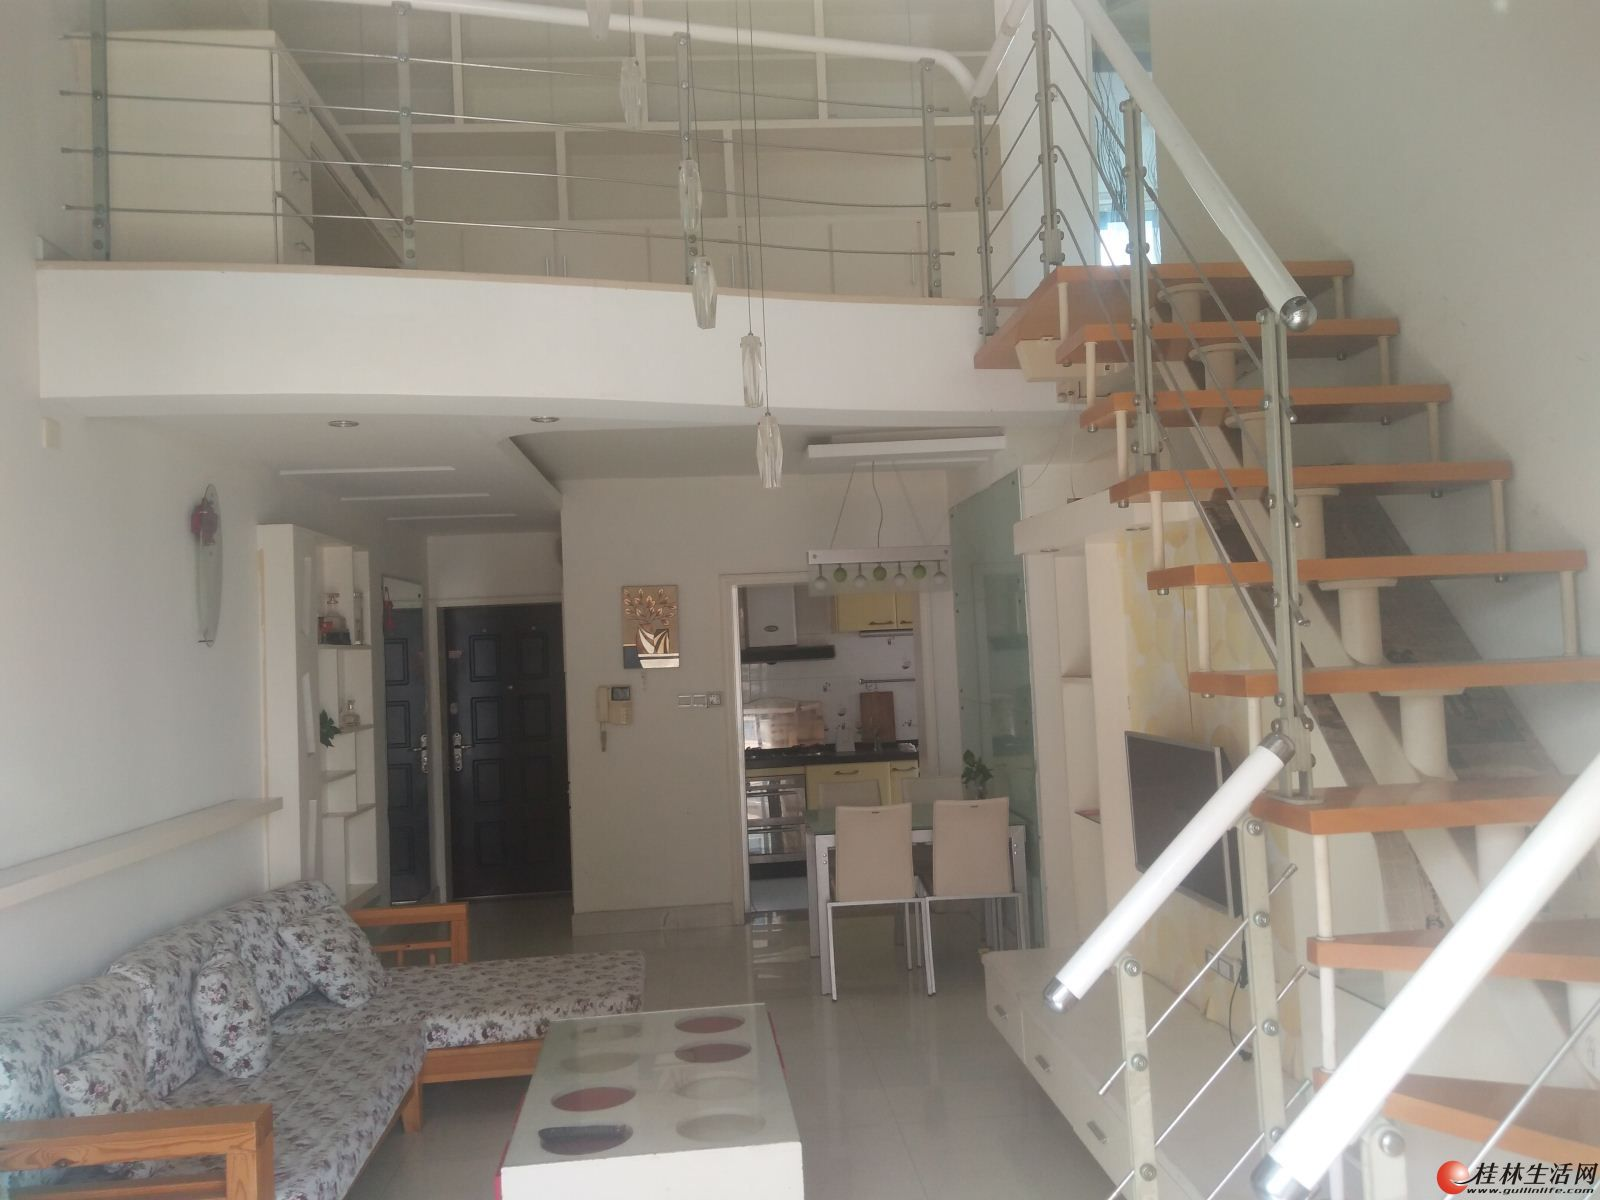 L鸣翠新都 复式楼送露台 145㎡3房2厅 95万